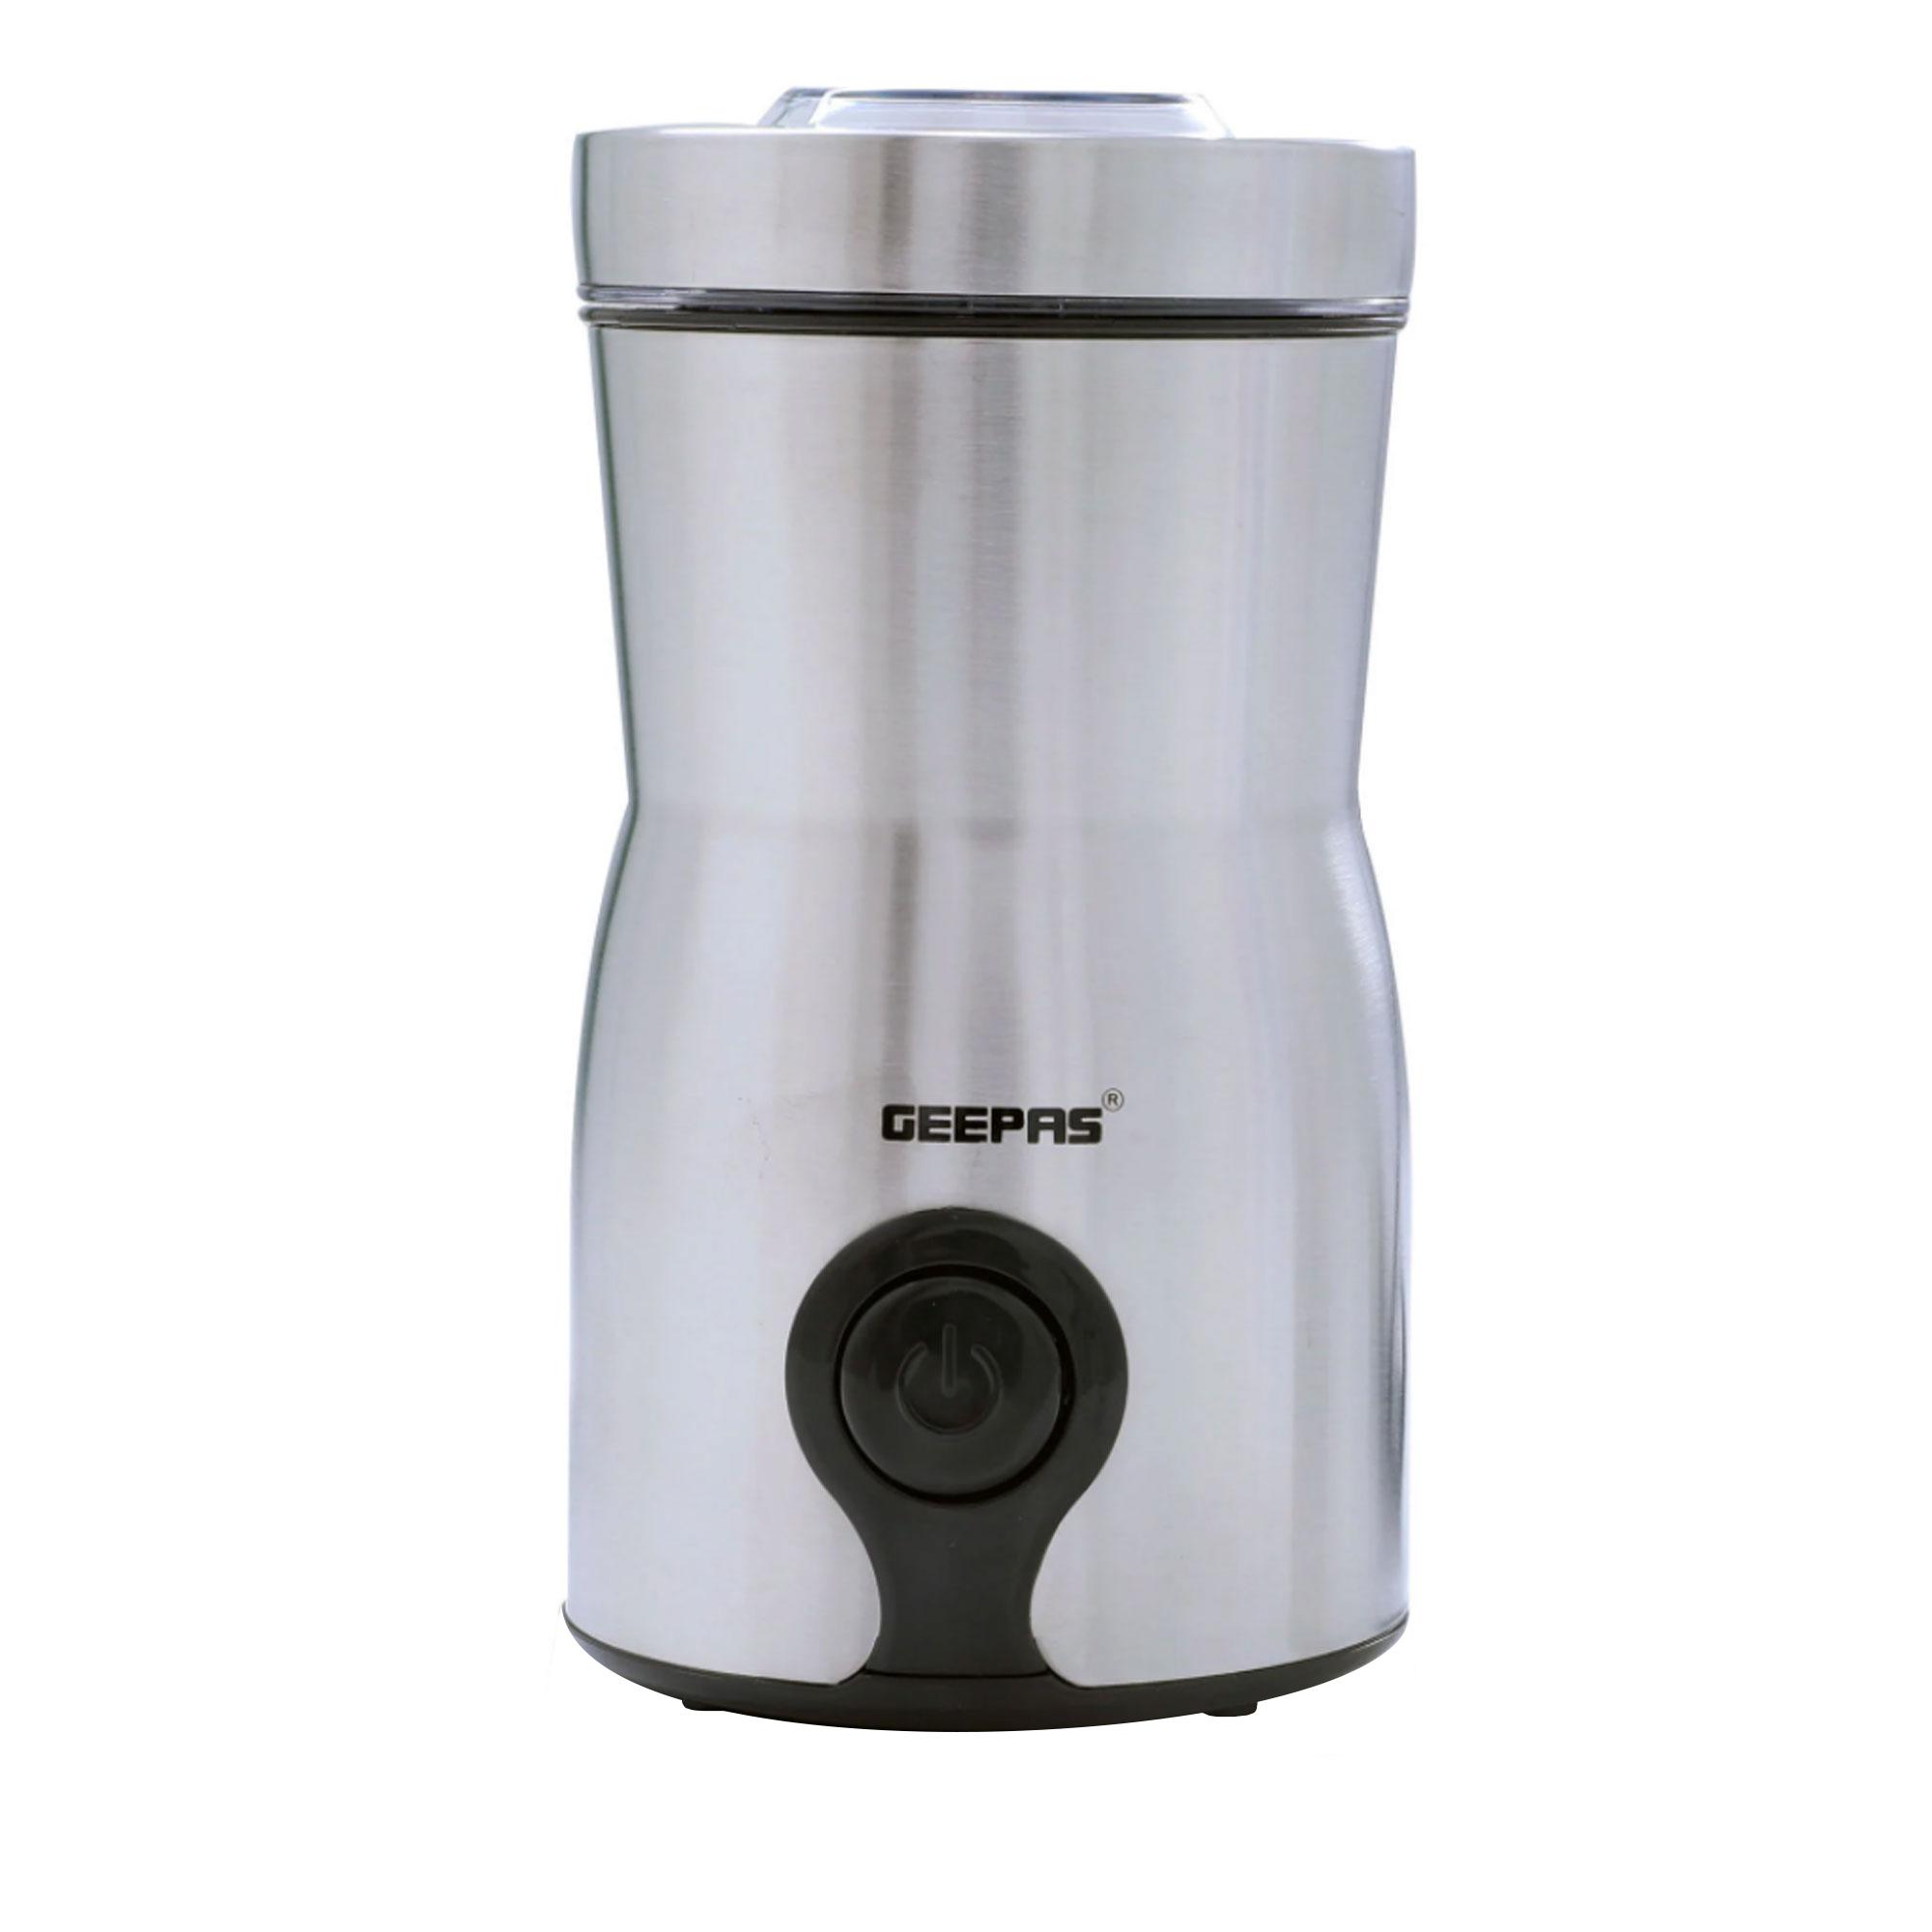 آسیاب قهوه جی پاس مدل GCG5471